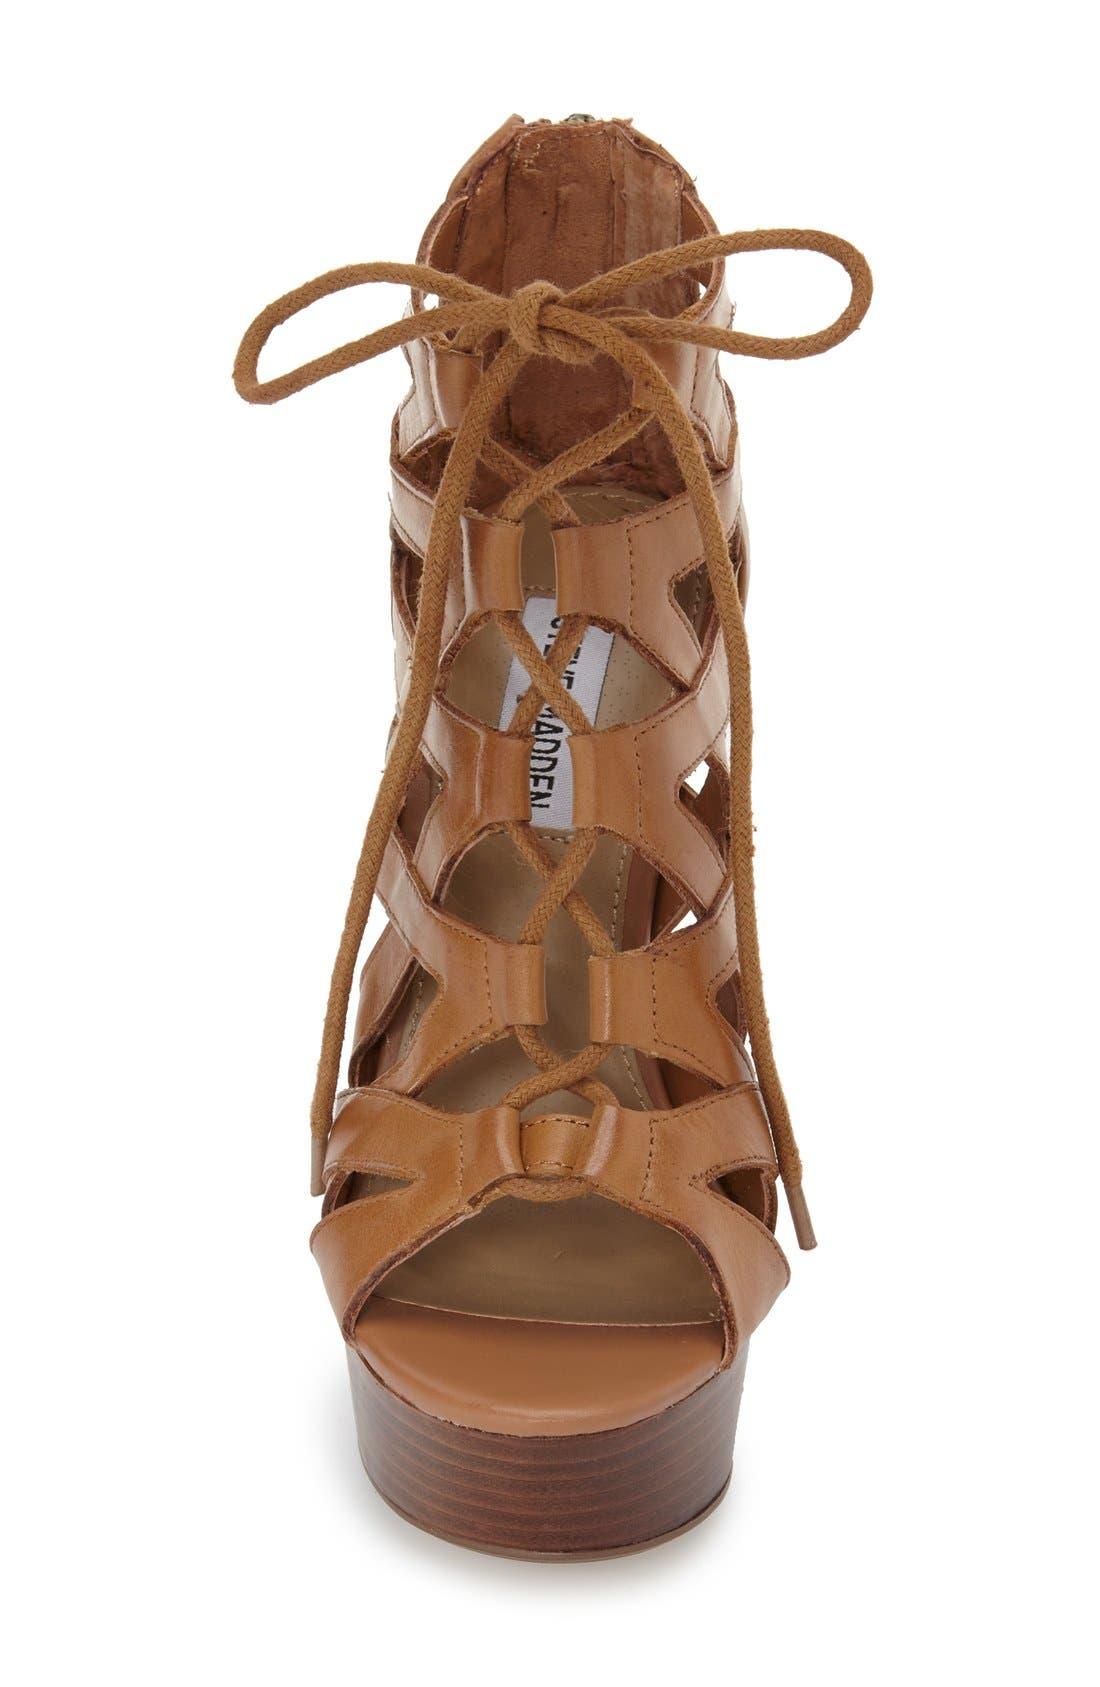 Alternate Image 3  - Steve Madden 'Dreamgirl' Lace-Up Sandal (Women)